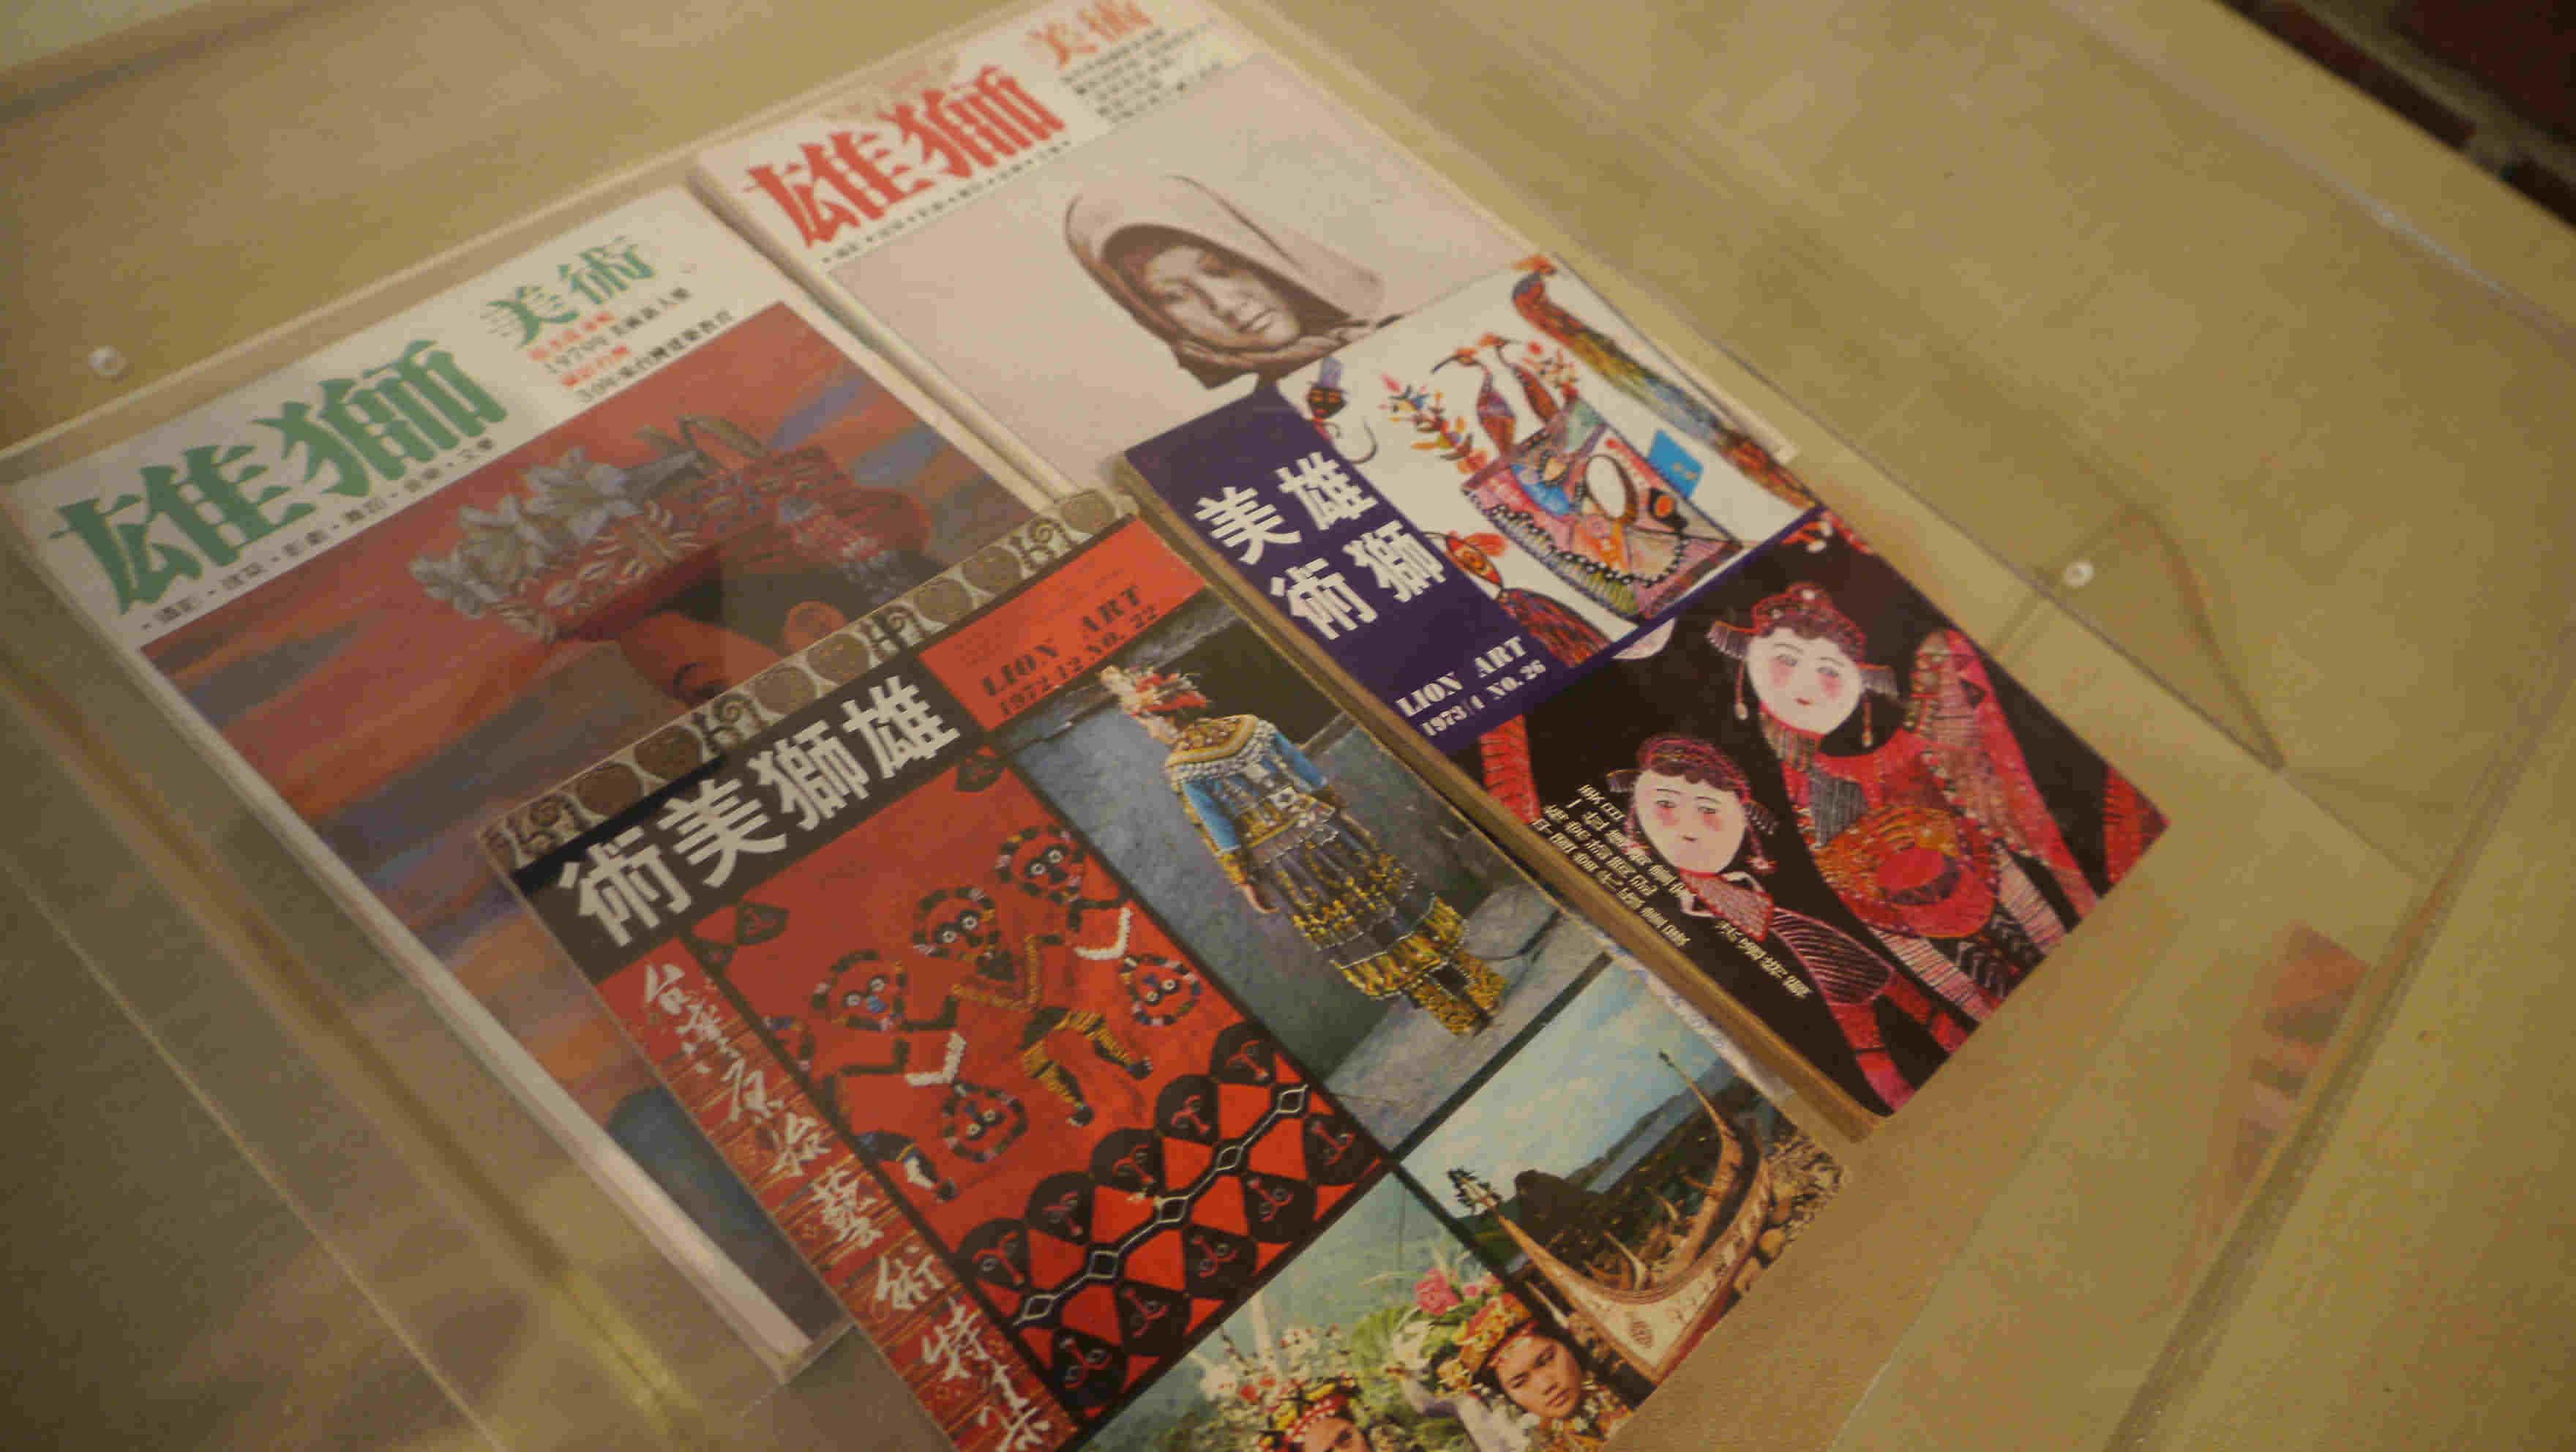 紫藤蘆「重建星空的年代—七〇年代小型刊物展」中,展出的雄獅雜誌。